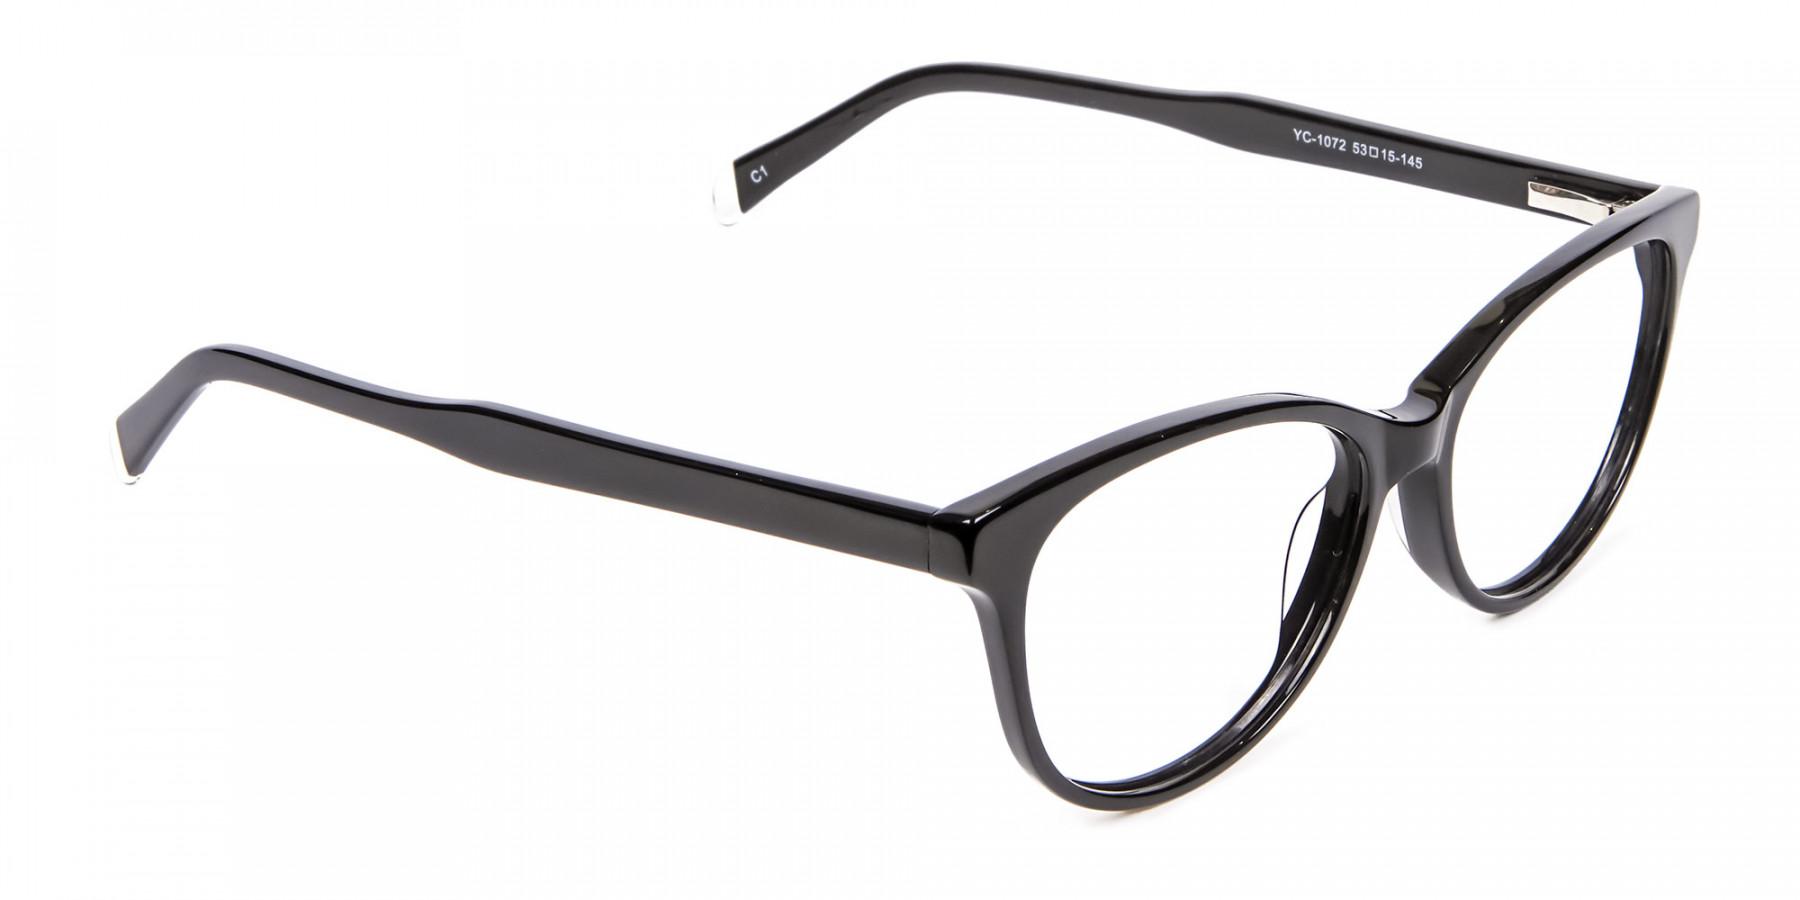 Black Cat Eye Glasses